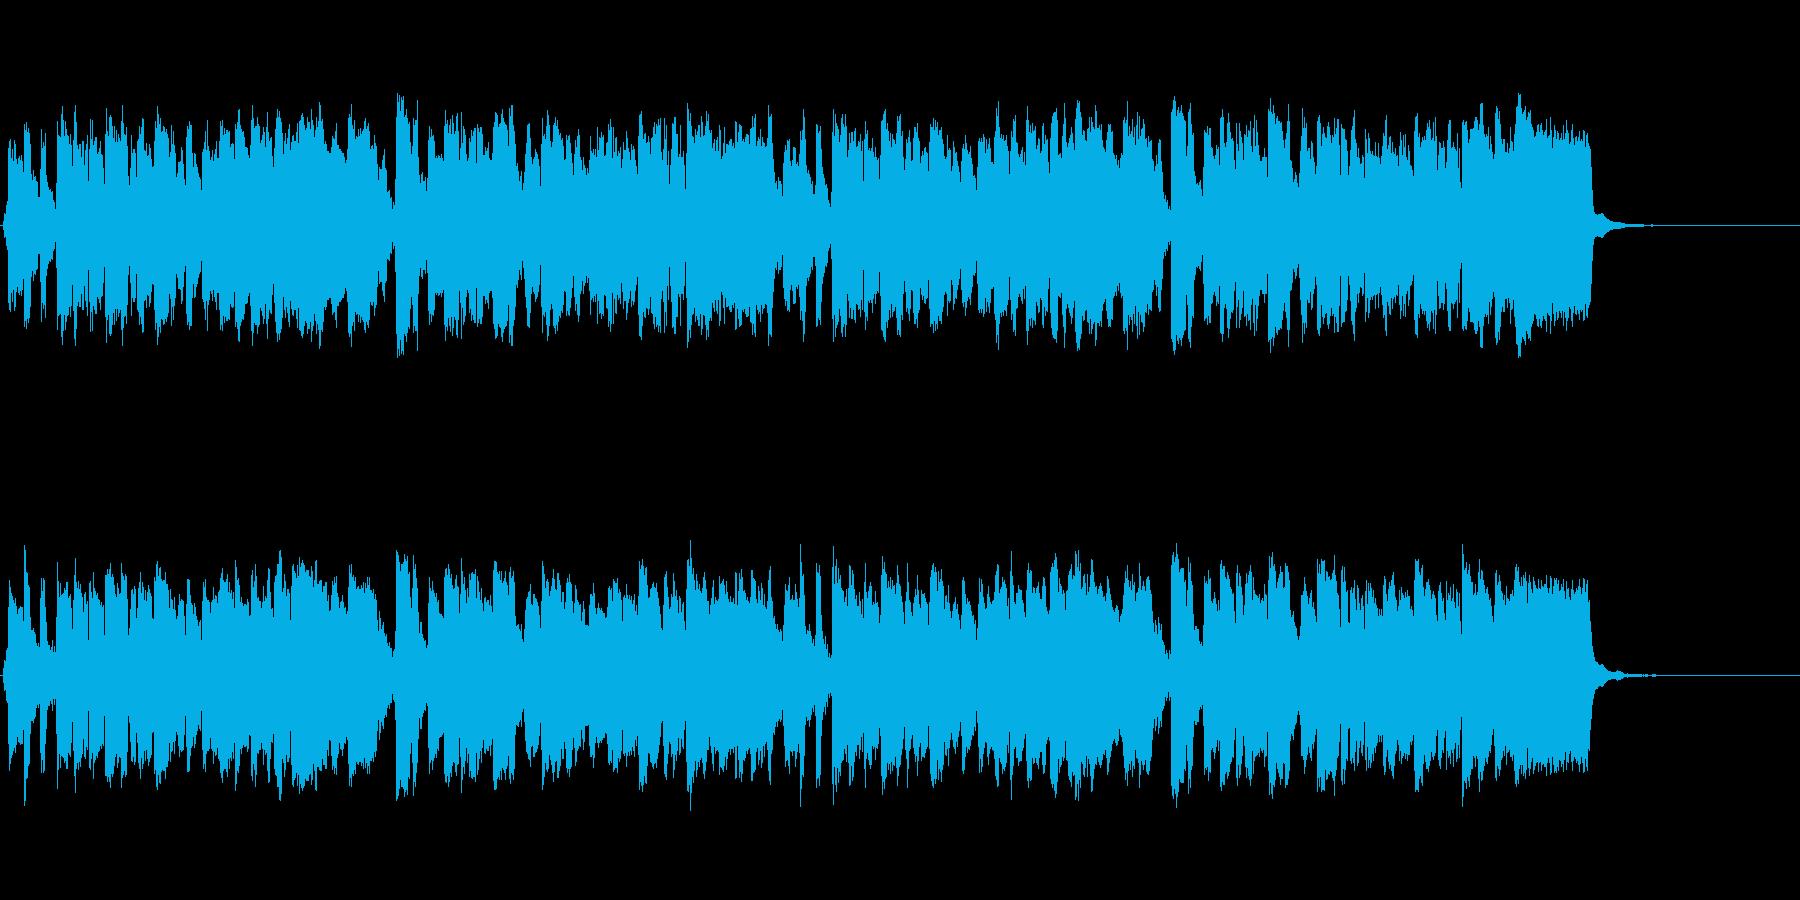 メランコリックなリコーダーワルツの再生済みの波形